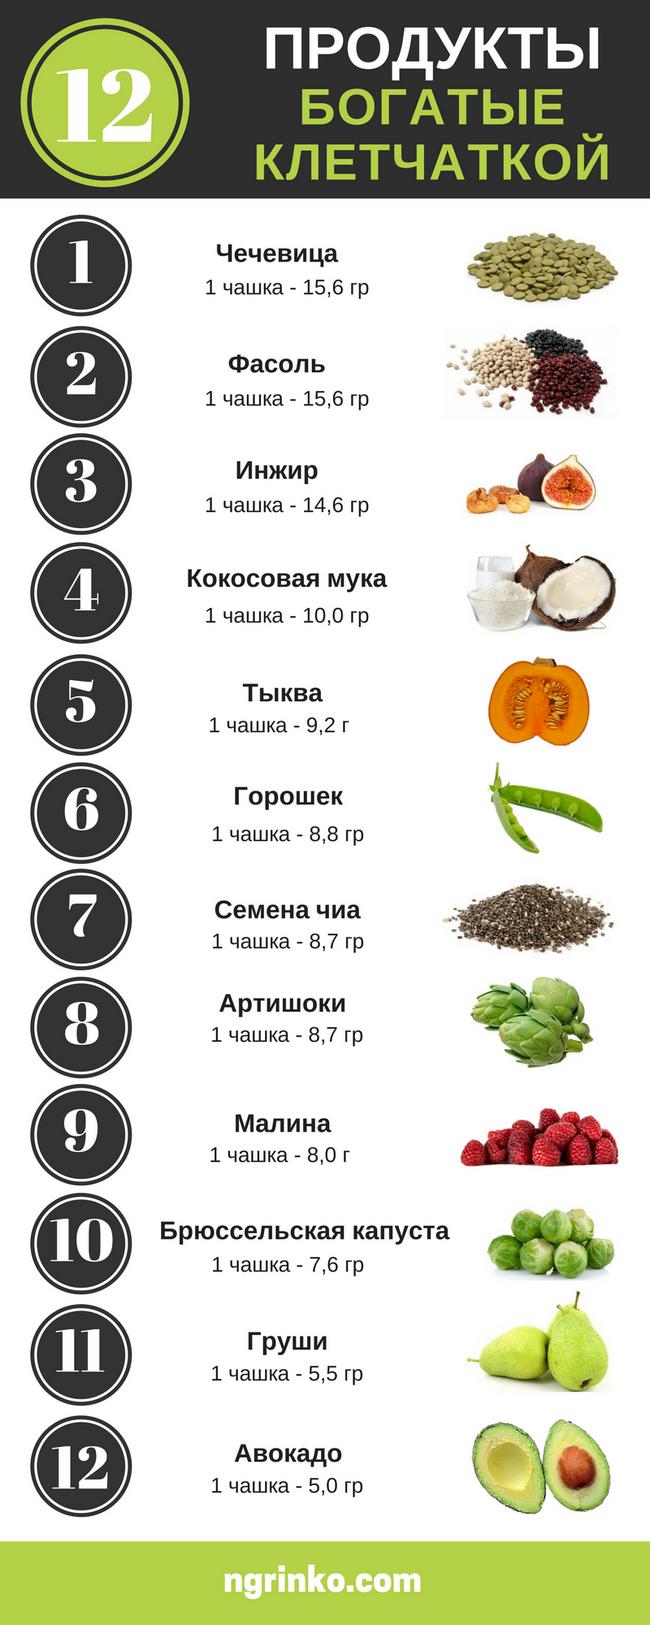 Продукты содержащие клетчатку для похудения список